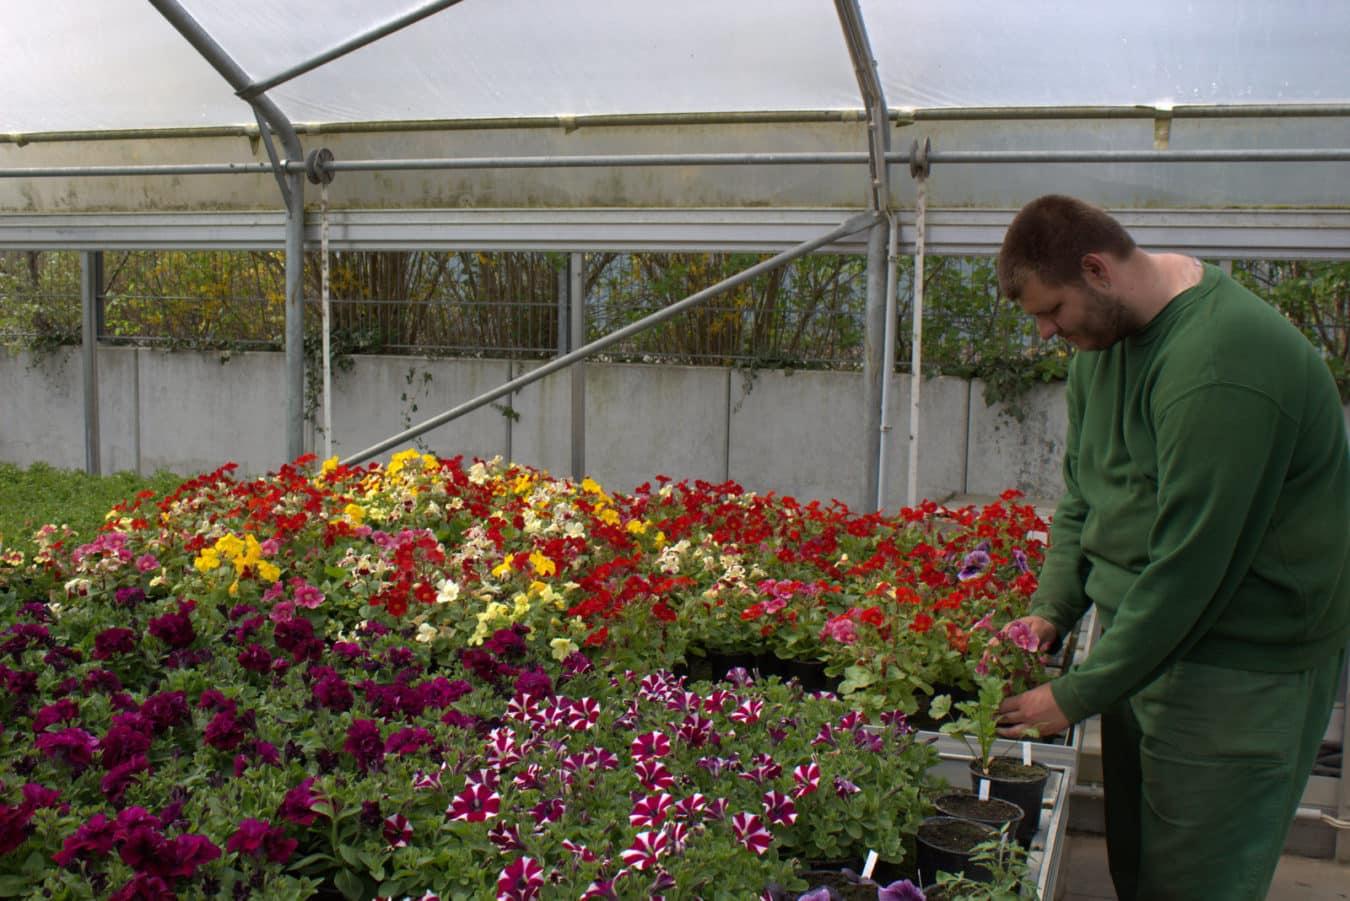 Fachpraktiker/in im Gartenbau Fachrichtung Zierpflanzenbau